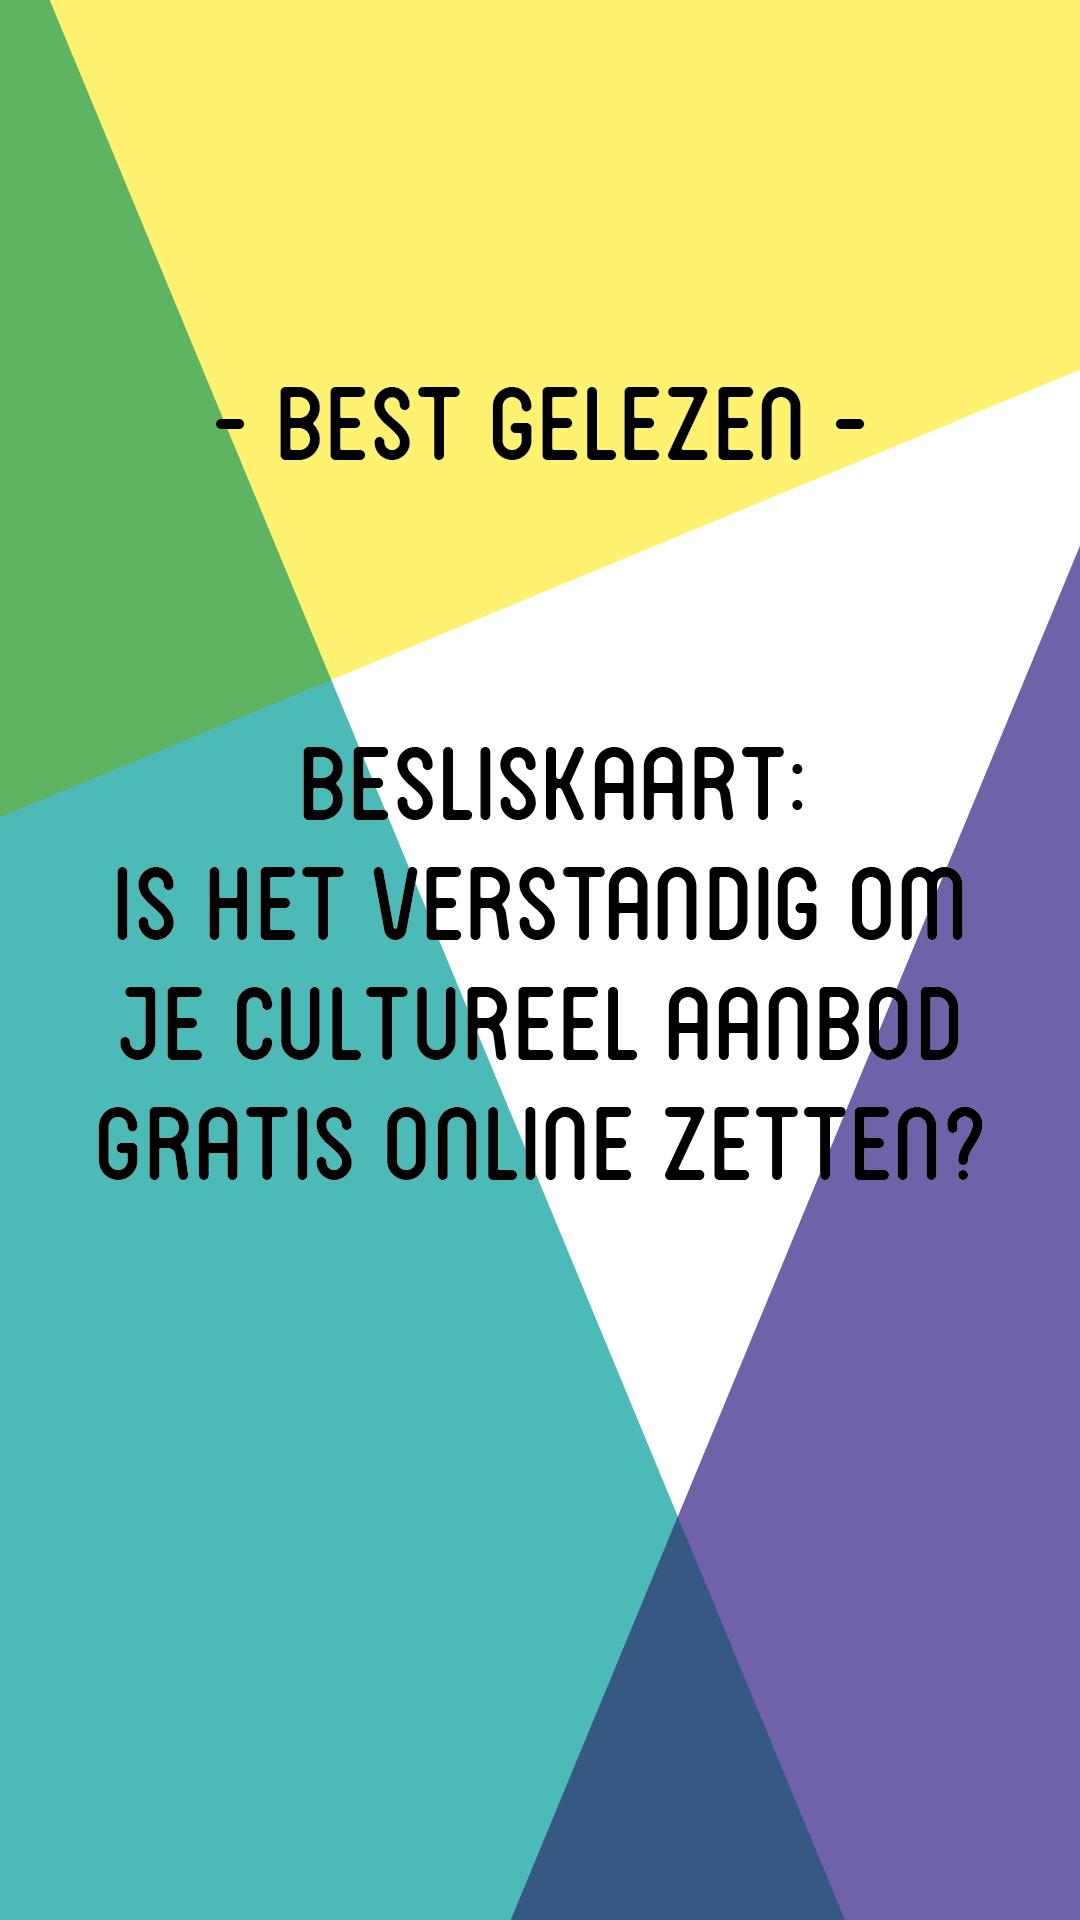 Besliskaart: Is het verstandig om je cultureel aanbod gratis online zetten?